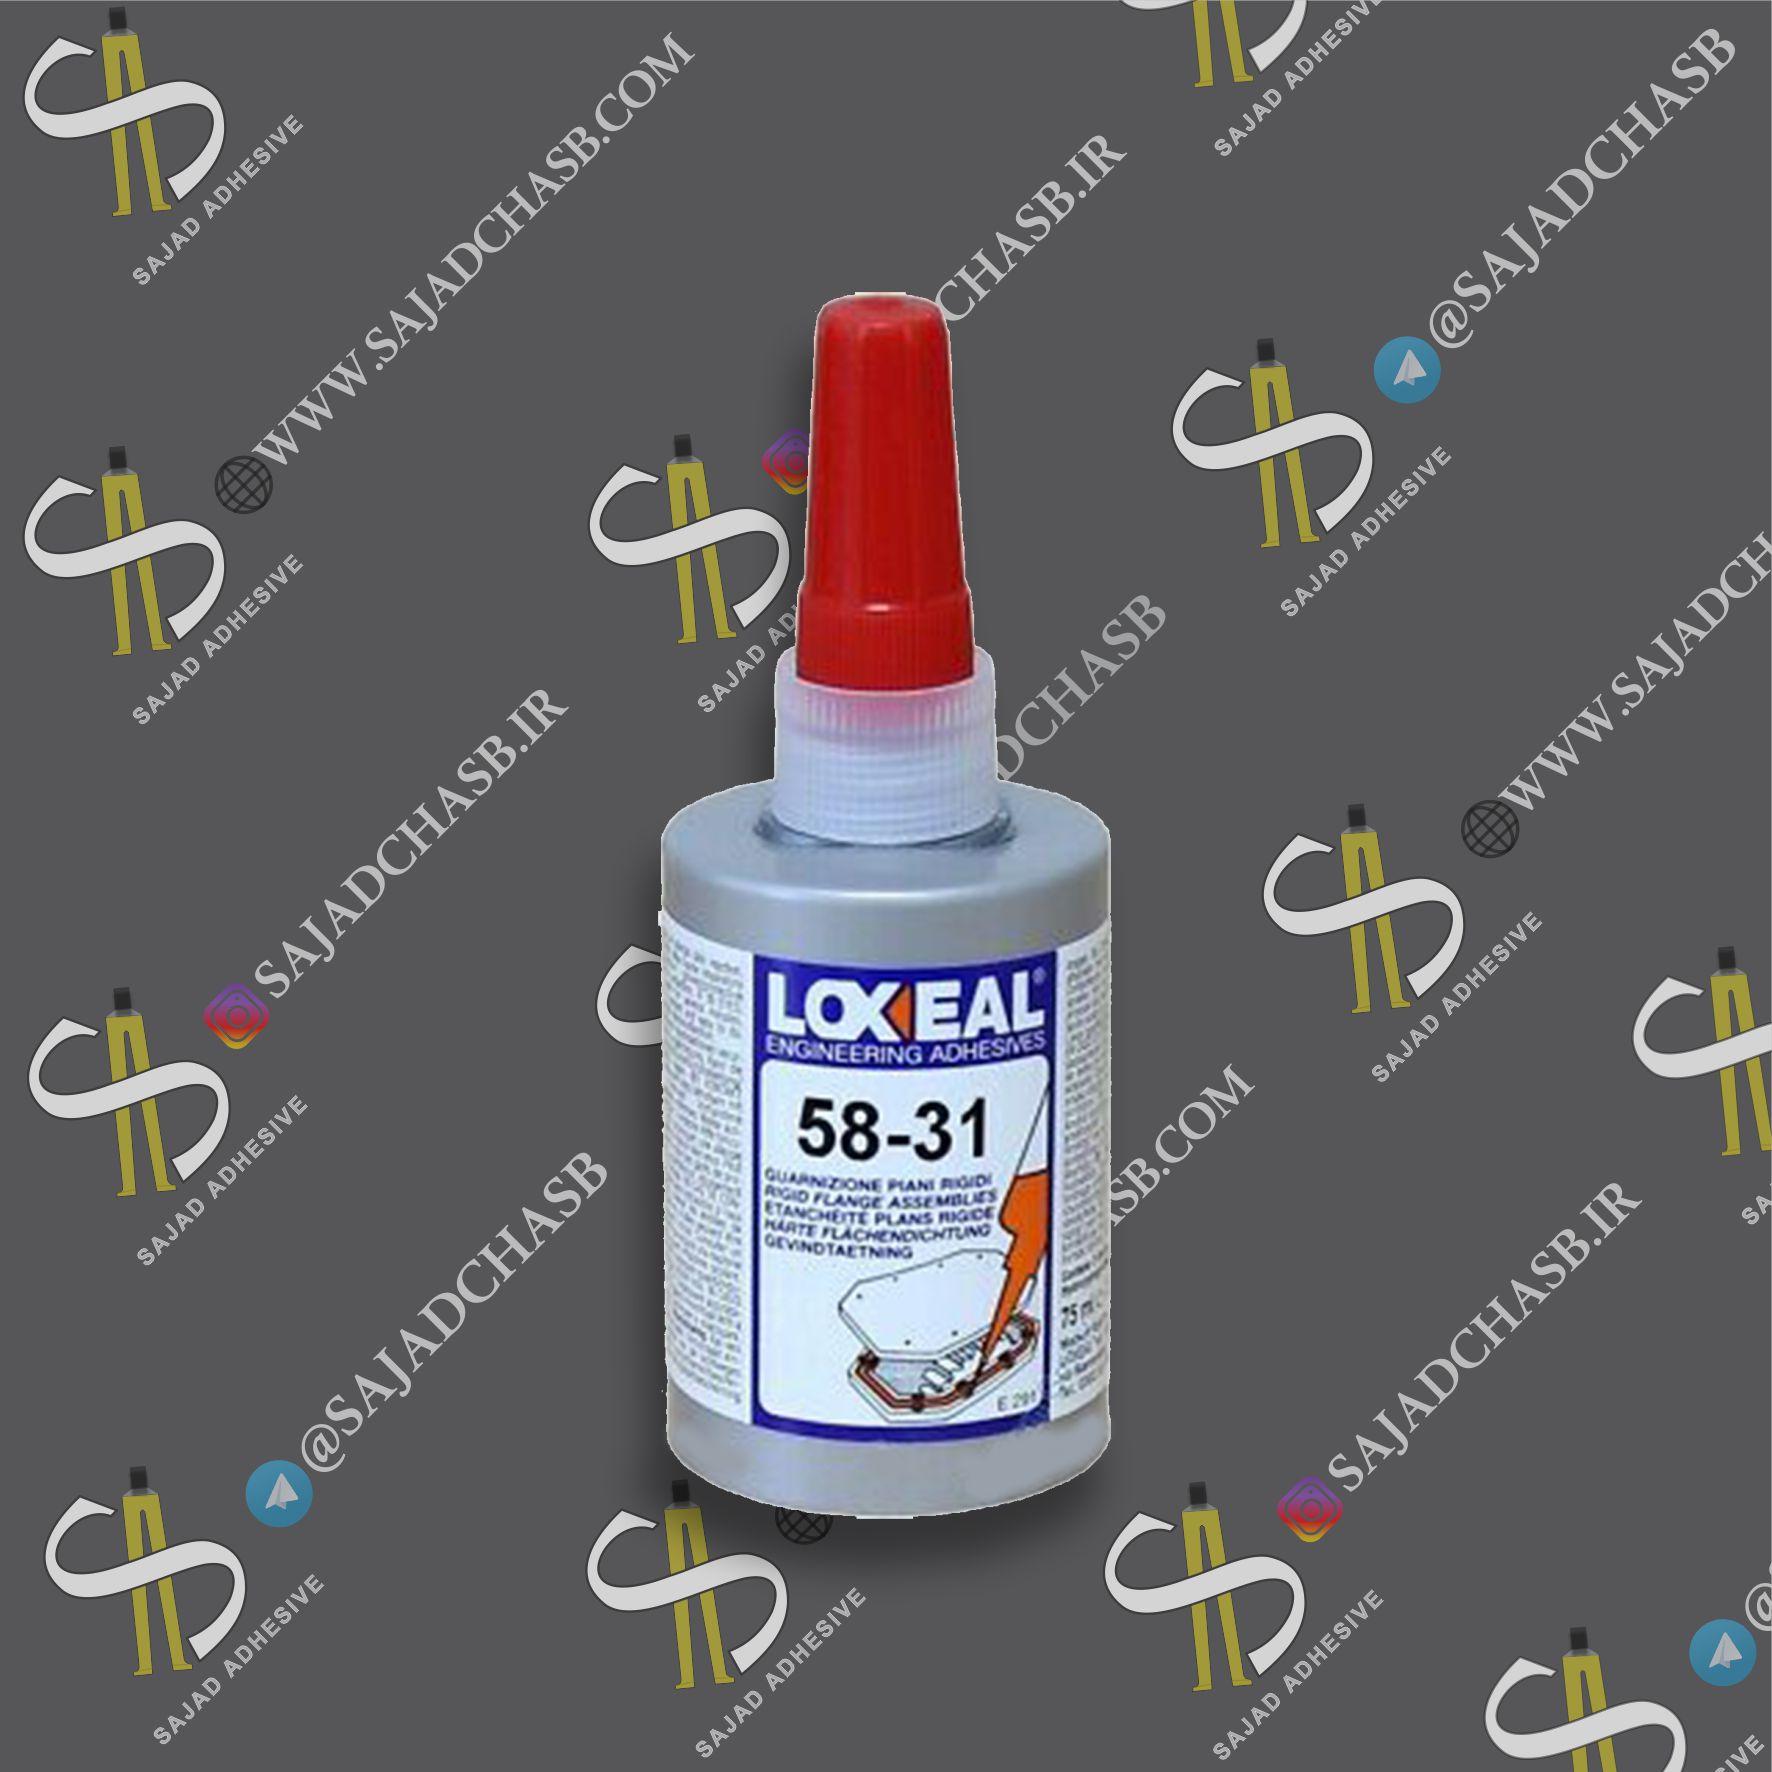 چسب واشرساز LOXEAL 5831